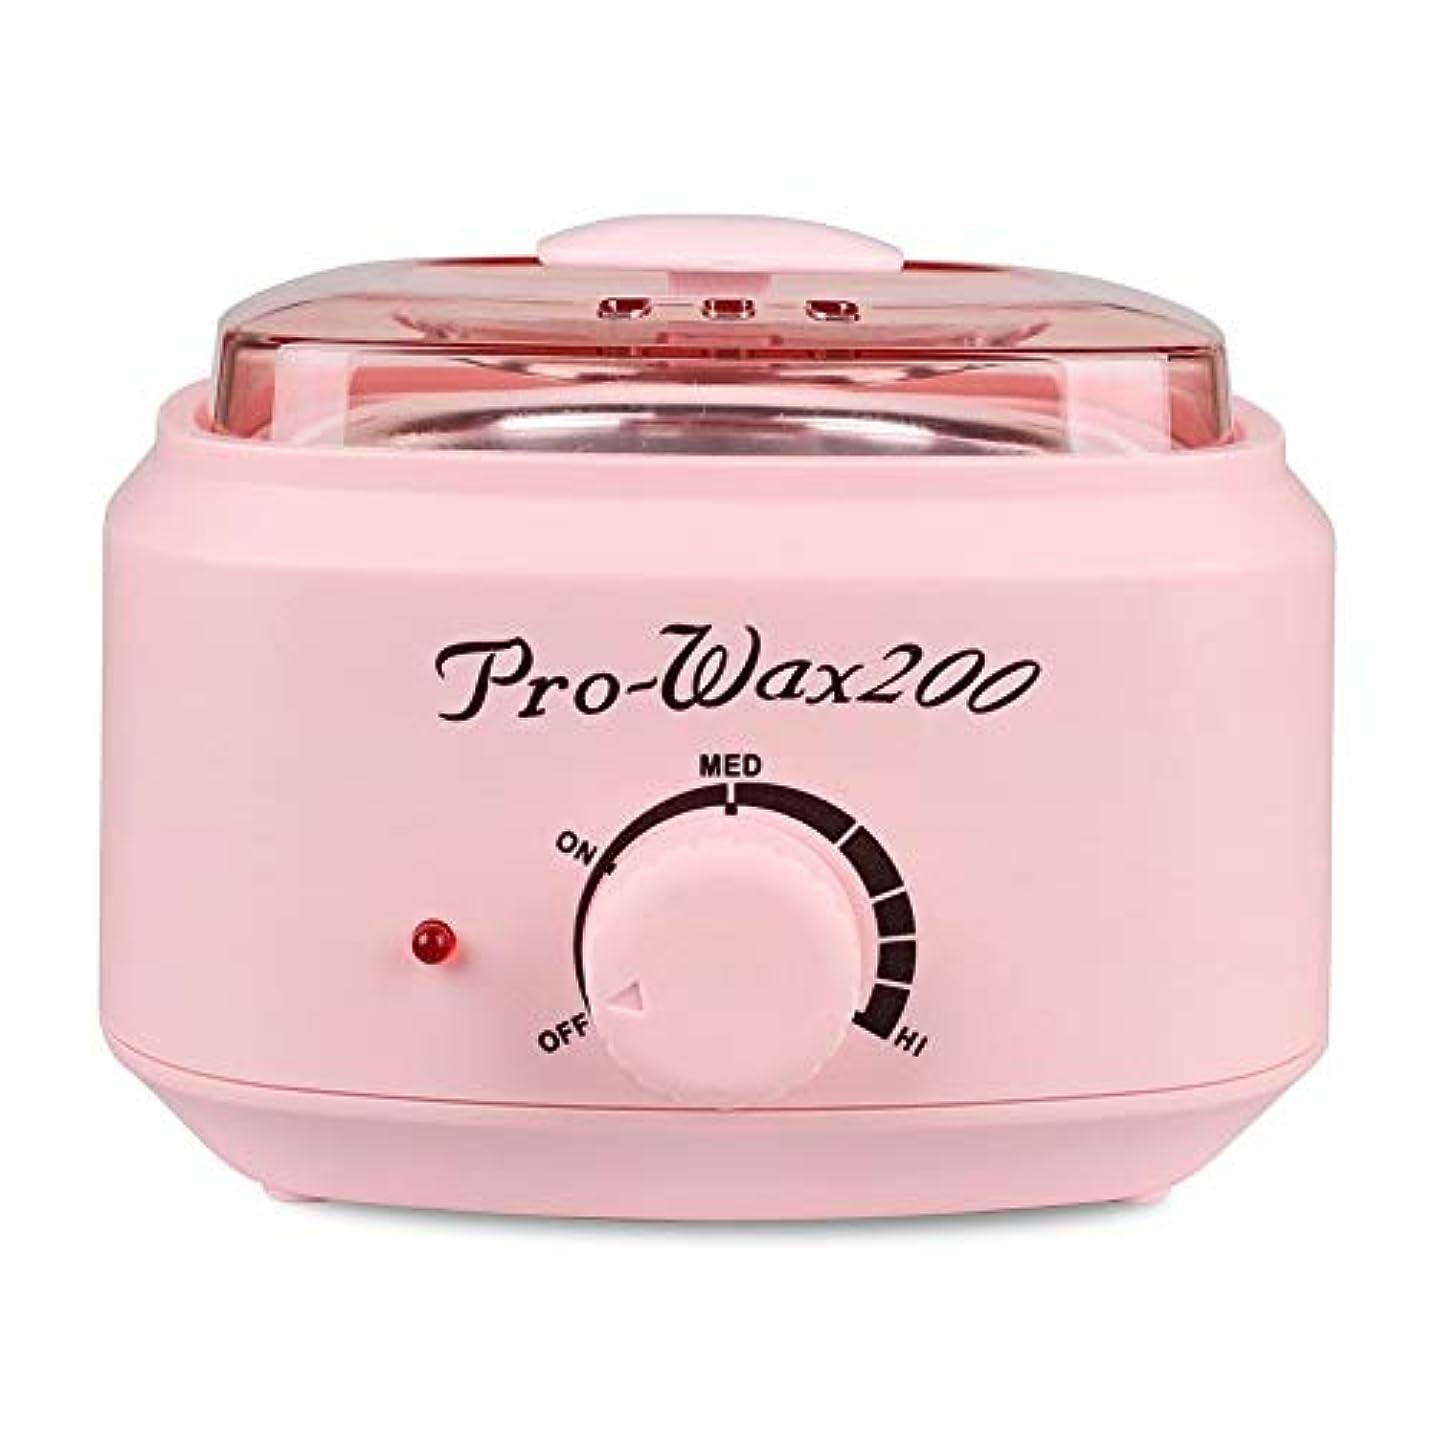 偽善者絶えず剣プロの電気ワックスウォーマーとヒーター、速くて痛みのない脱毛、楽器多機能溶融ワックスマシンホームワックス女性/男性用500CC (Color : Pink)